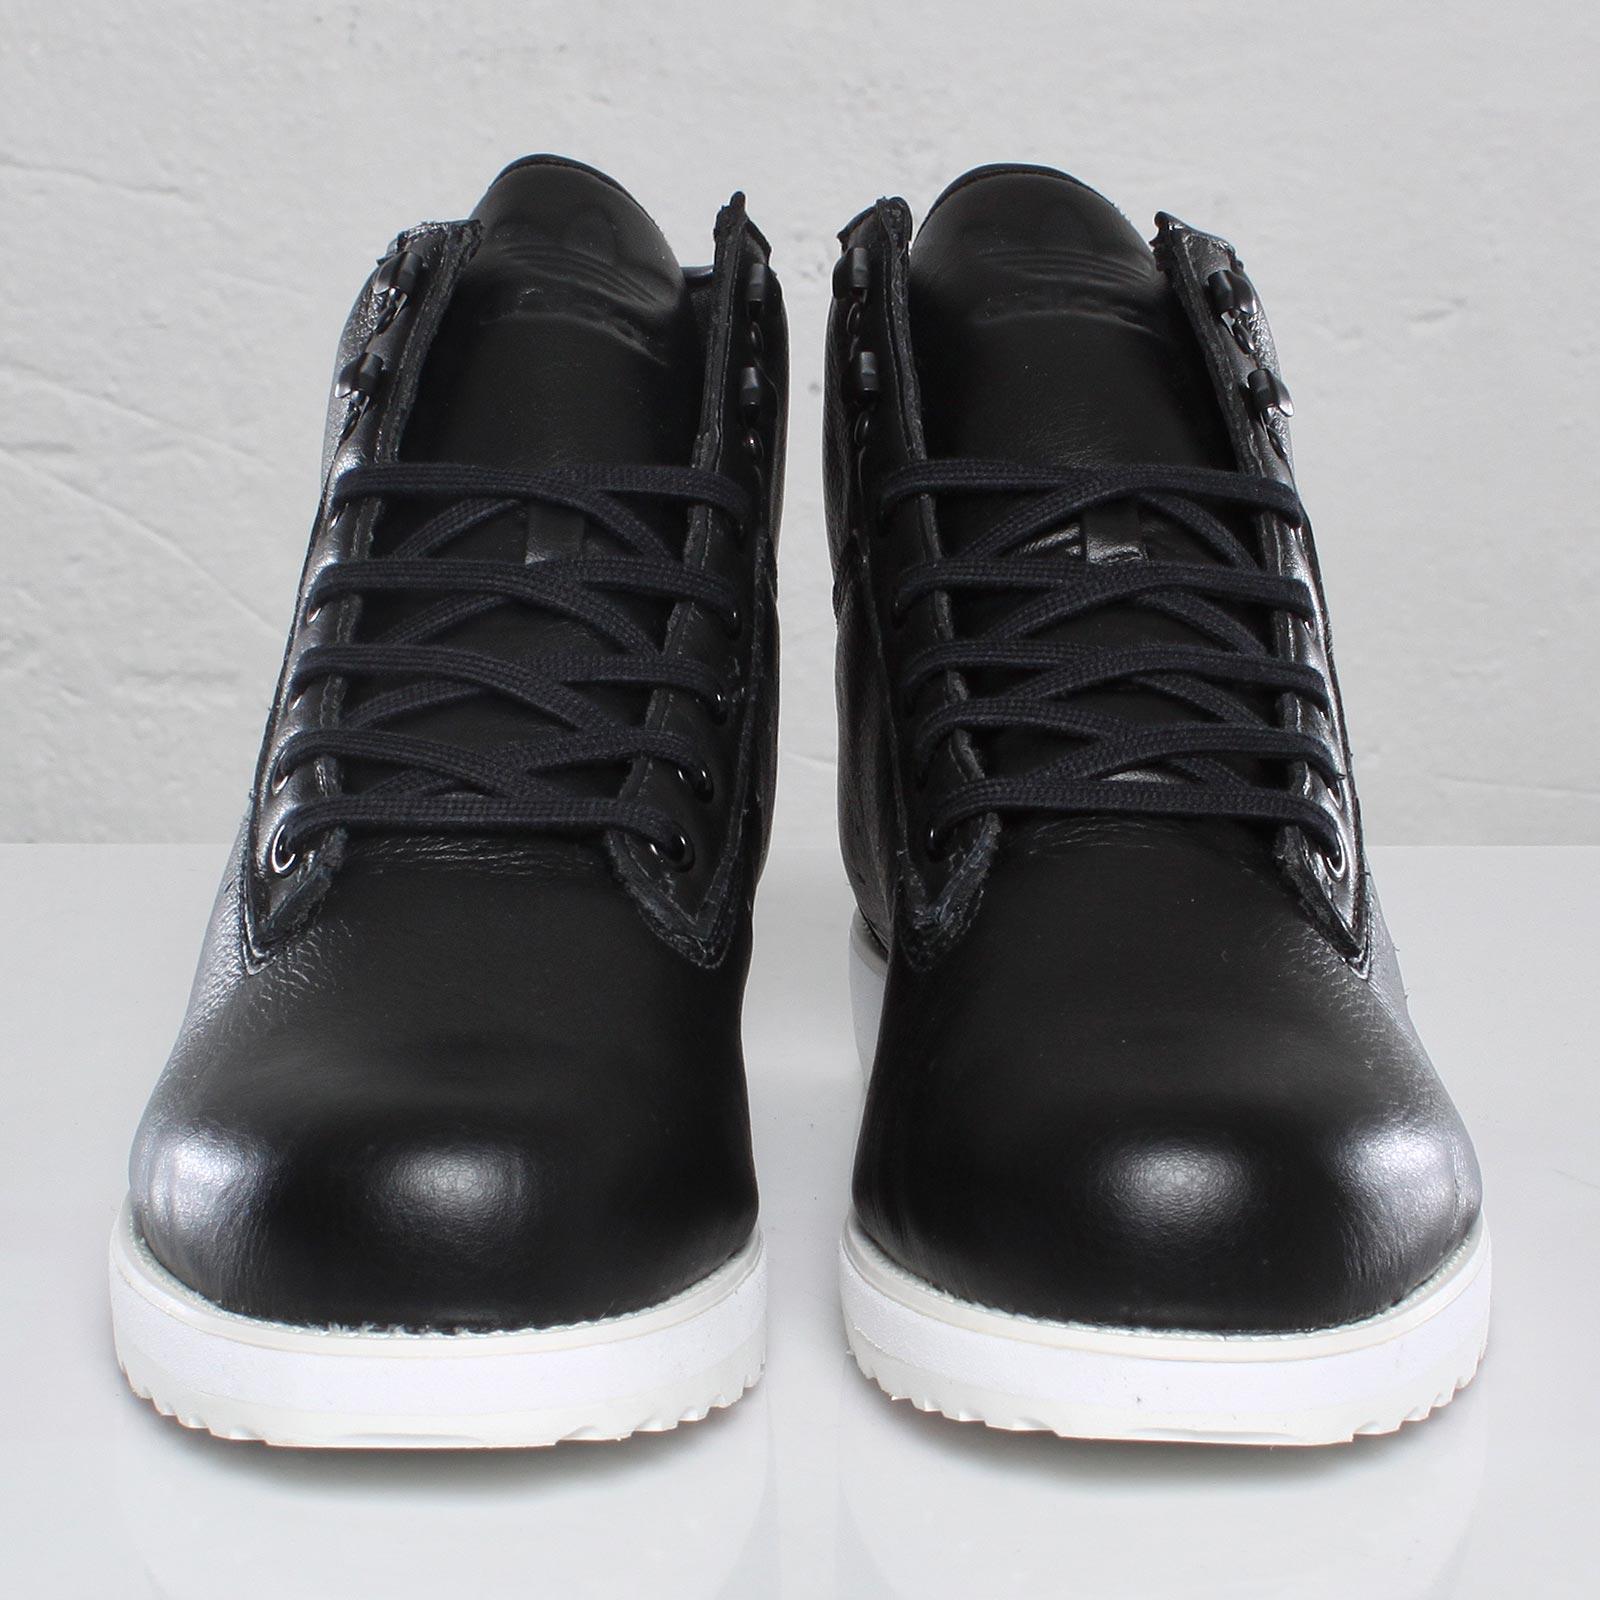 huge selection of 05d3e 9af77 adidas Adi Navvy Boot adidas Adi Navvy Boot ...